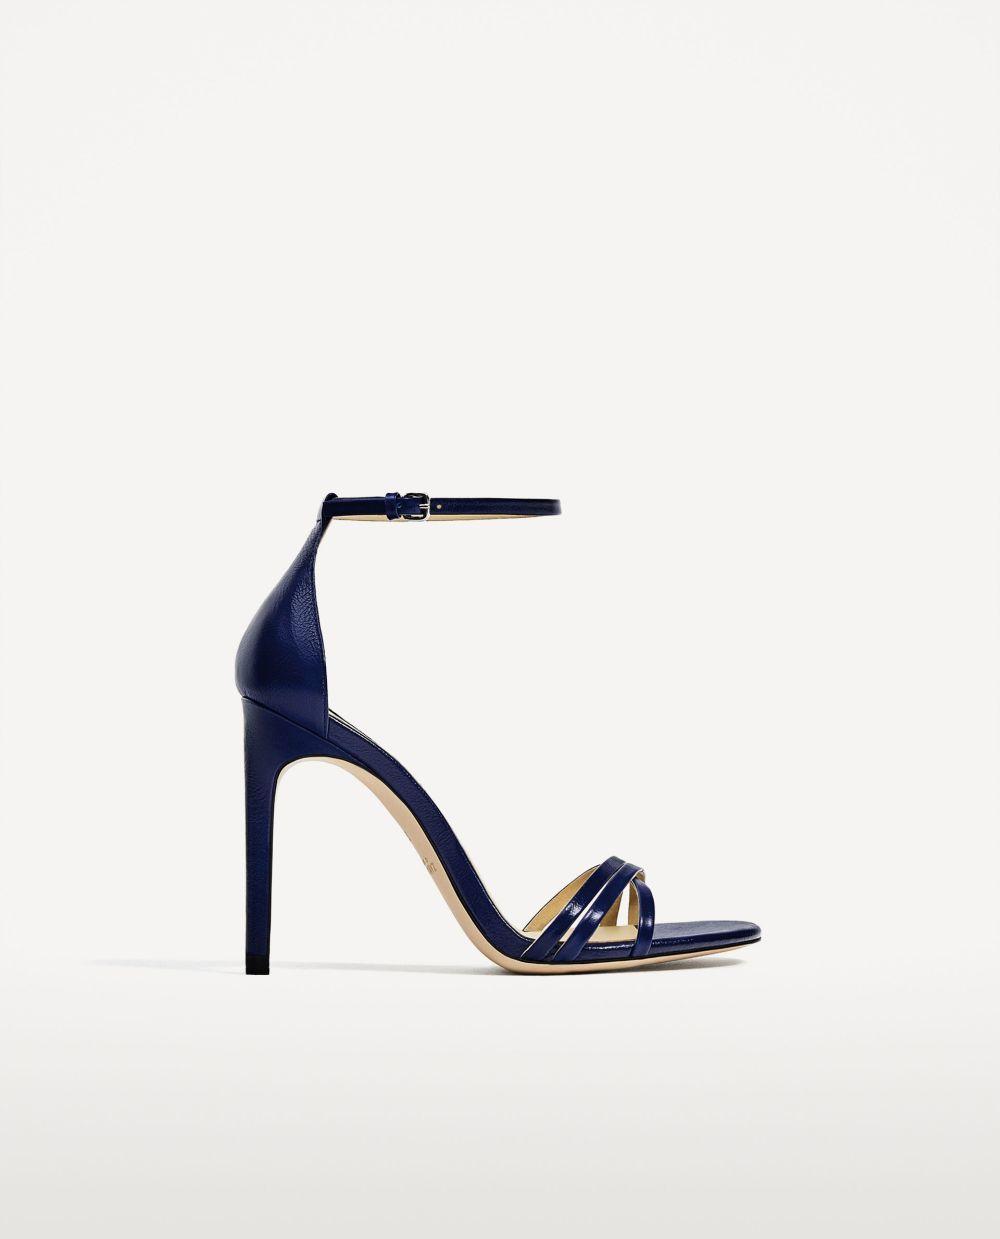 Sandalias en azul marino de Zara. 39,95 euros.